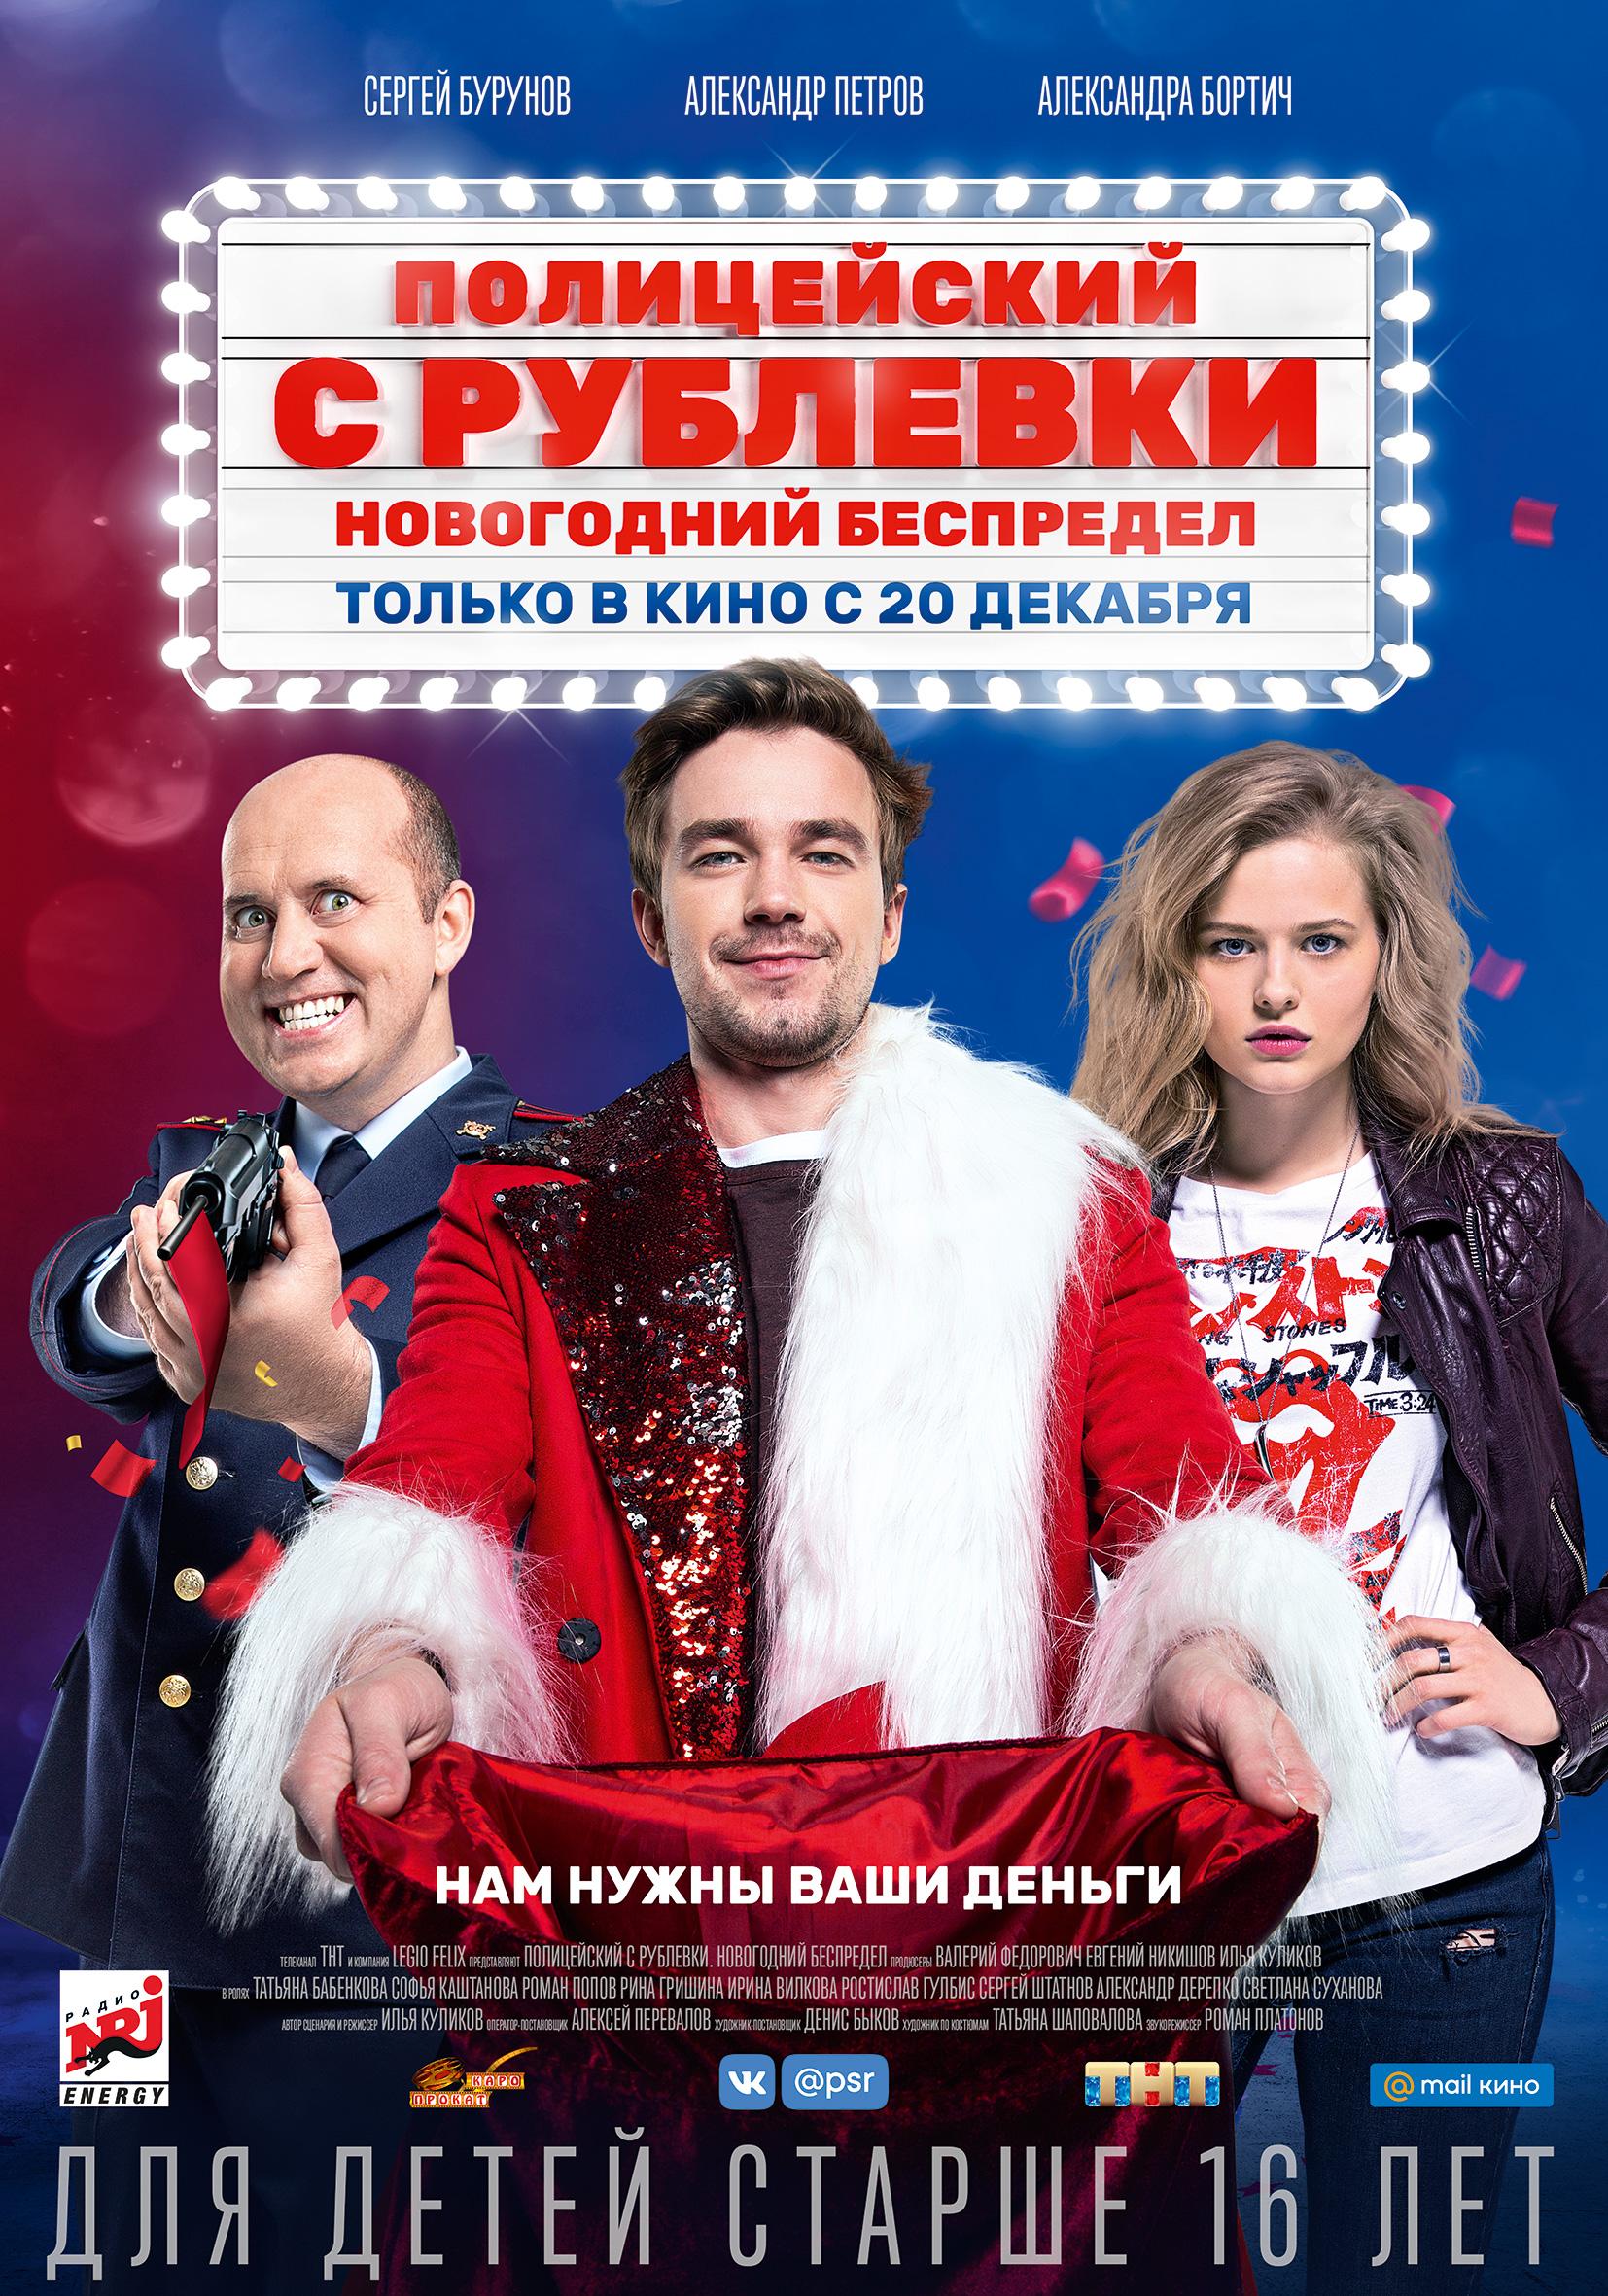 Стоимость билетов в кино новокузнецк афиша новгородского драматического театра